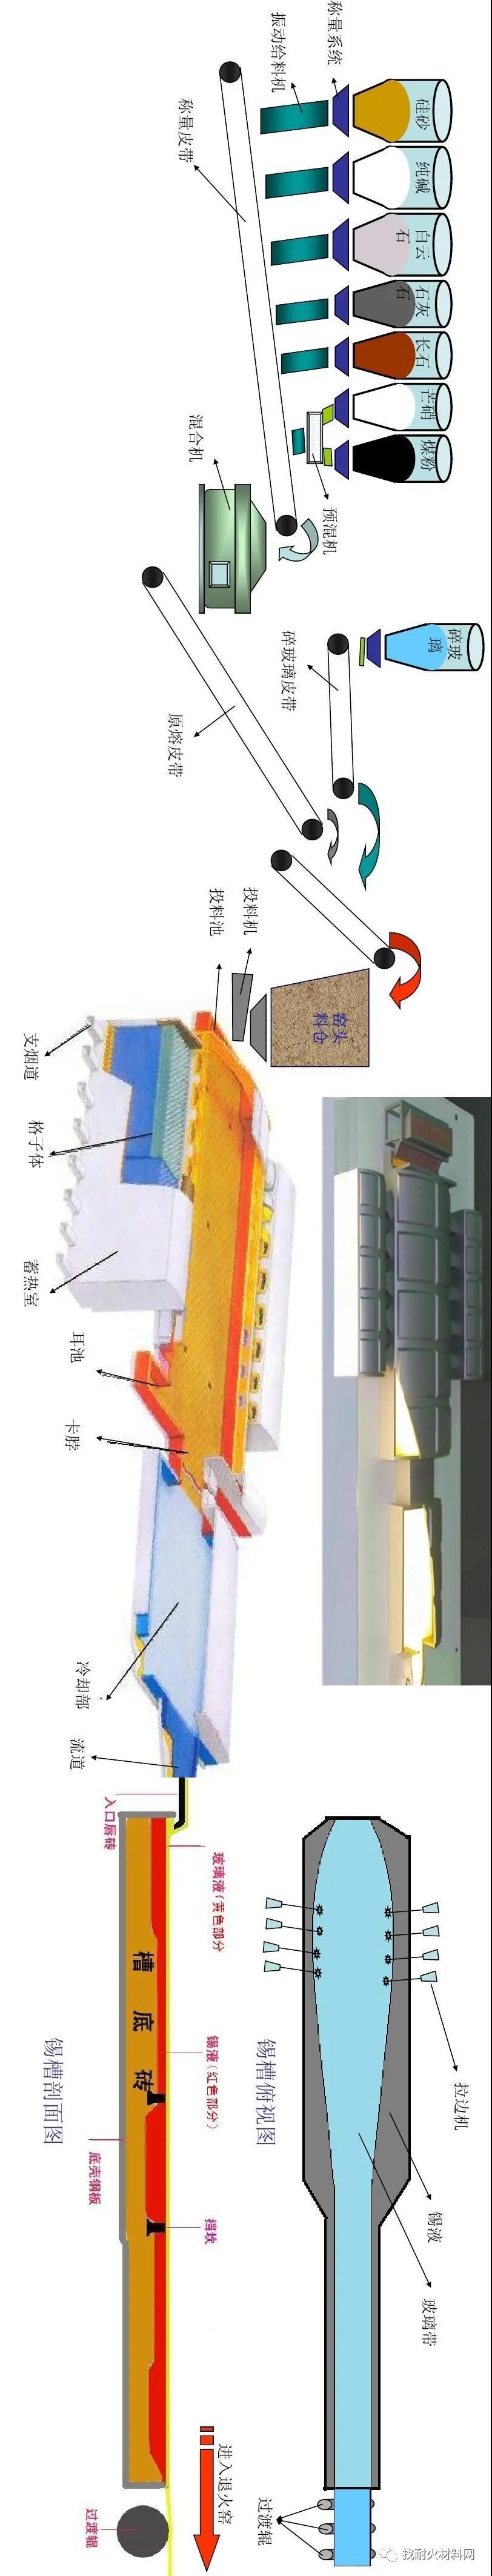 微信图片_20210202115453.jpg